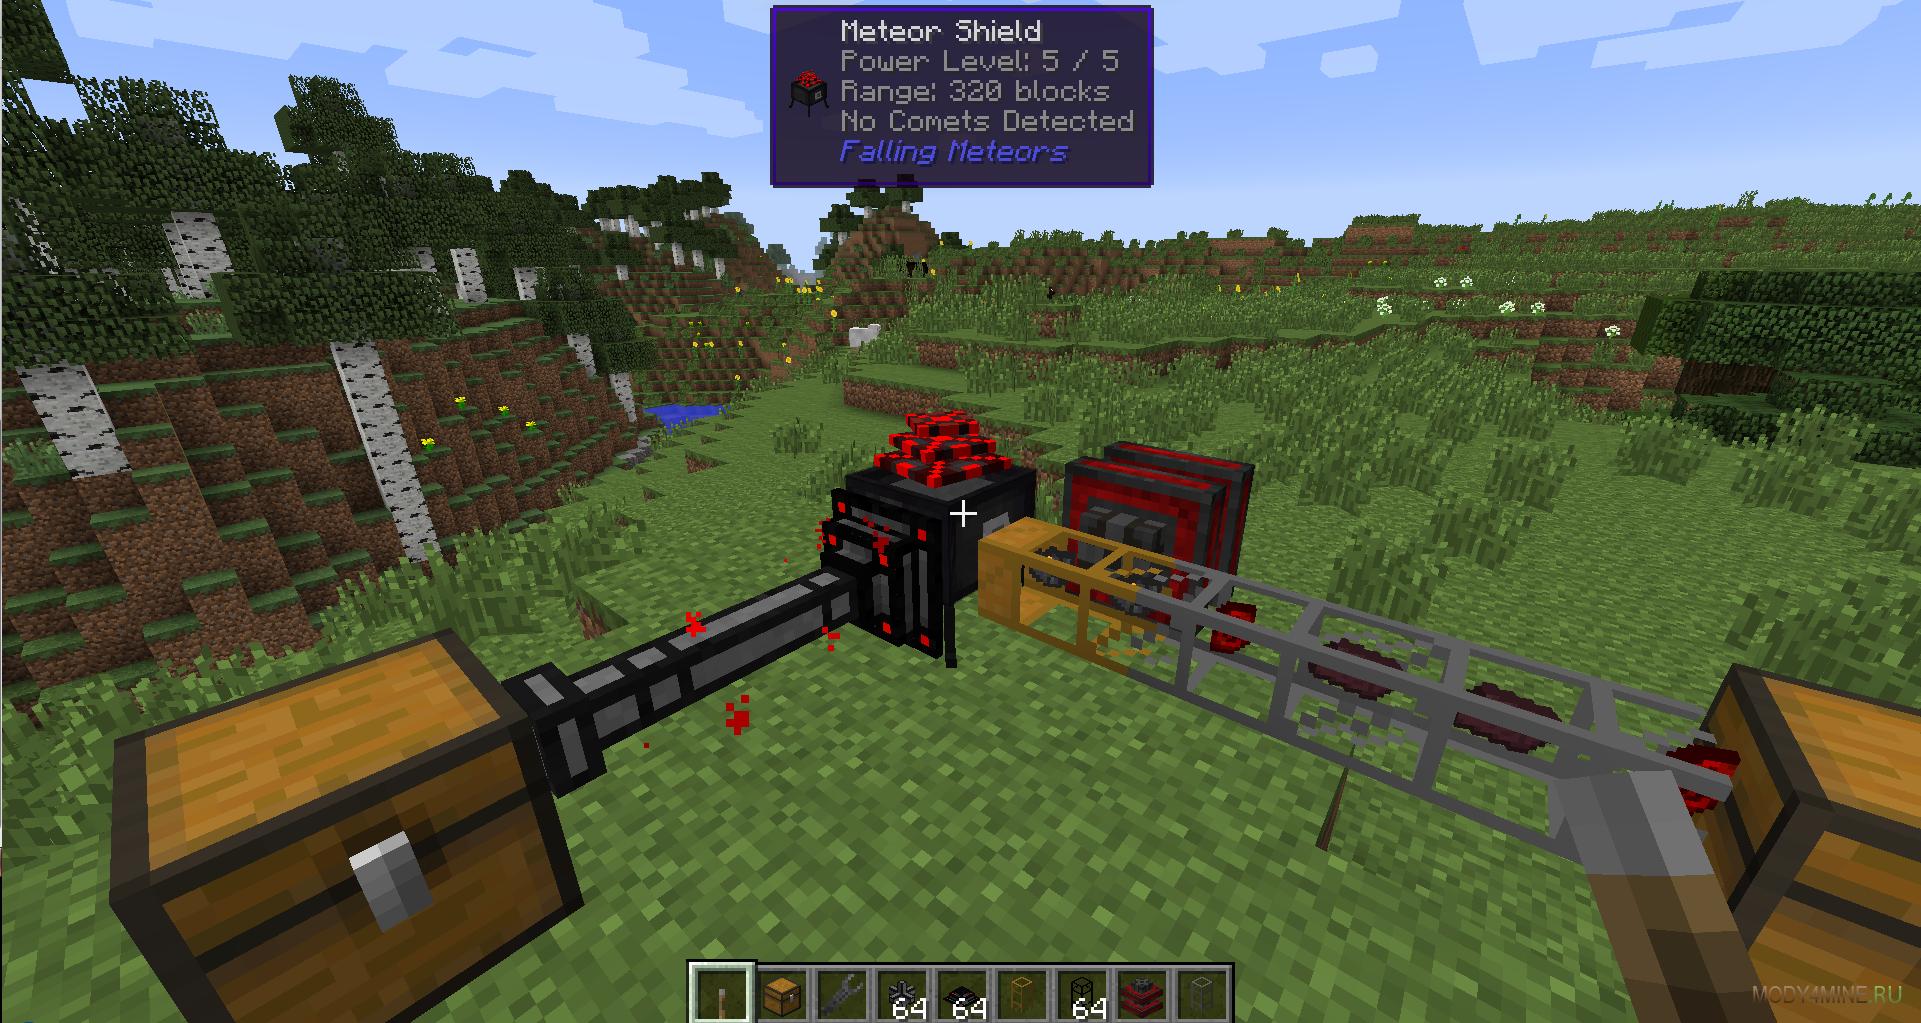 Скачать мод на Метеориты для Minecraft 1.6.4